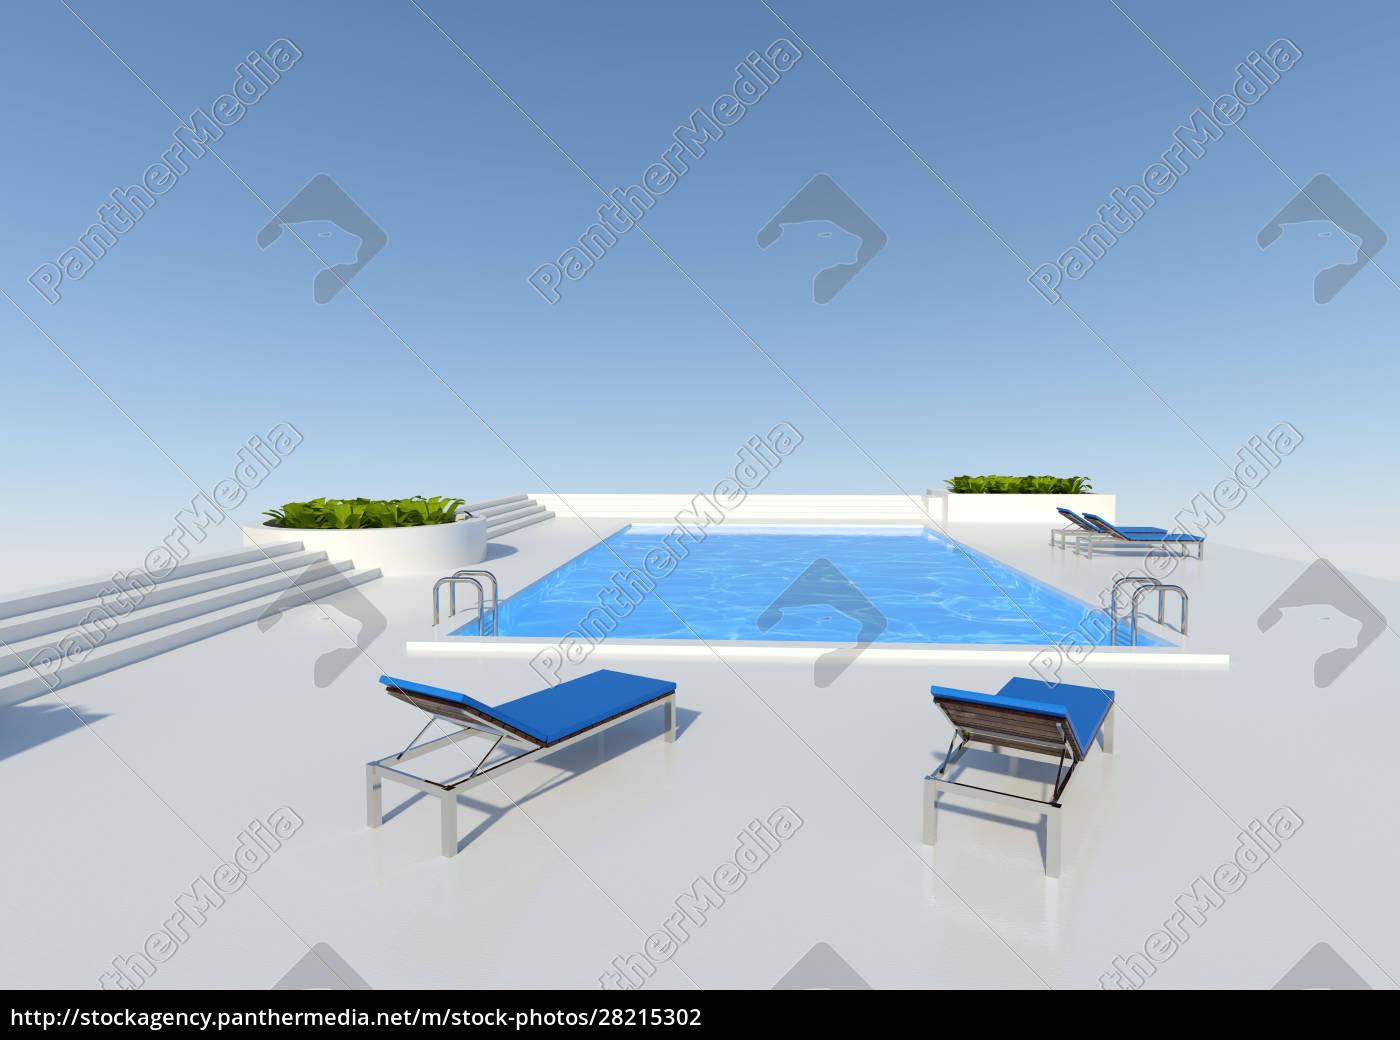 3d, rendering, pool, outside - 28215302